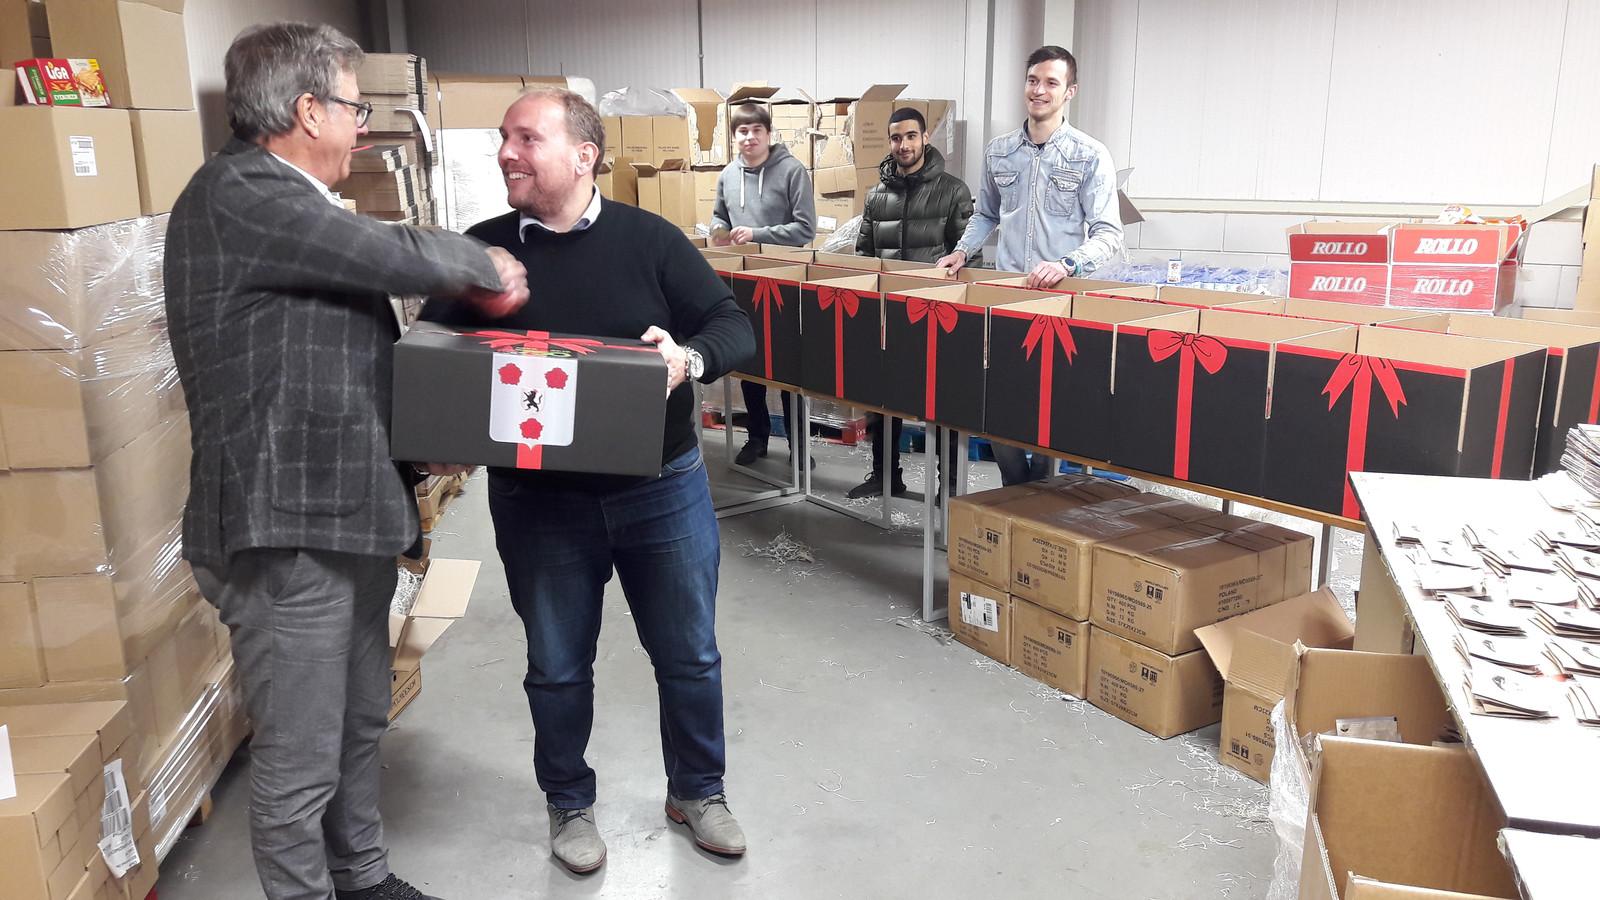 Cor Verbogt (links) krijgt het eerste kerstpakket van Robert Breedveld van Looma in Roosendaal. Medewerkers van Looma kijken toe.